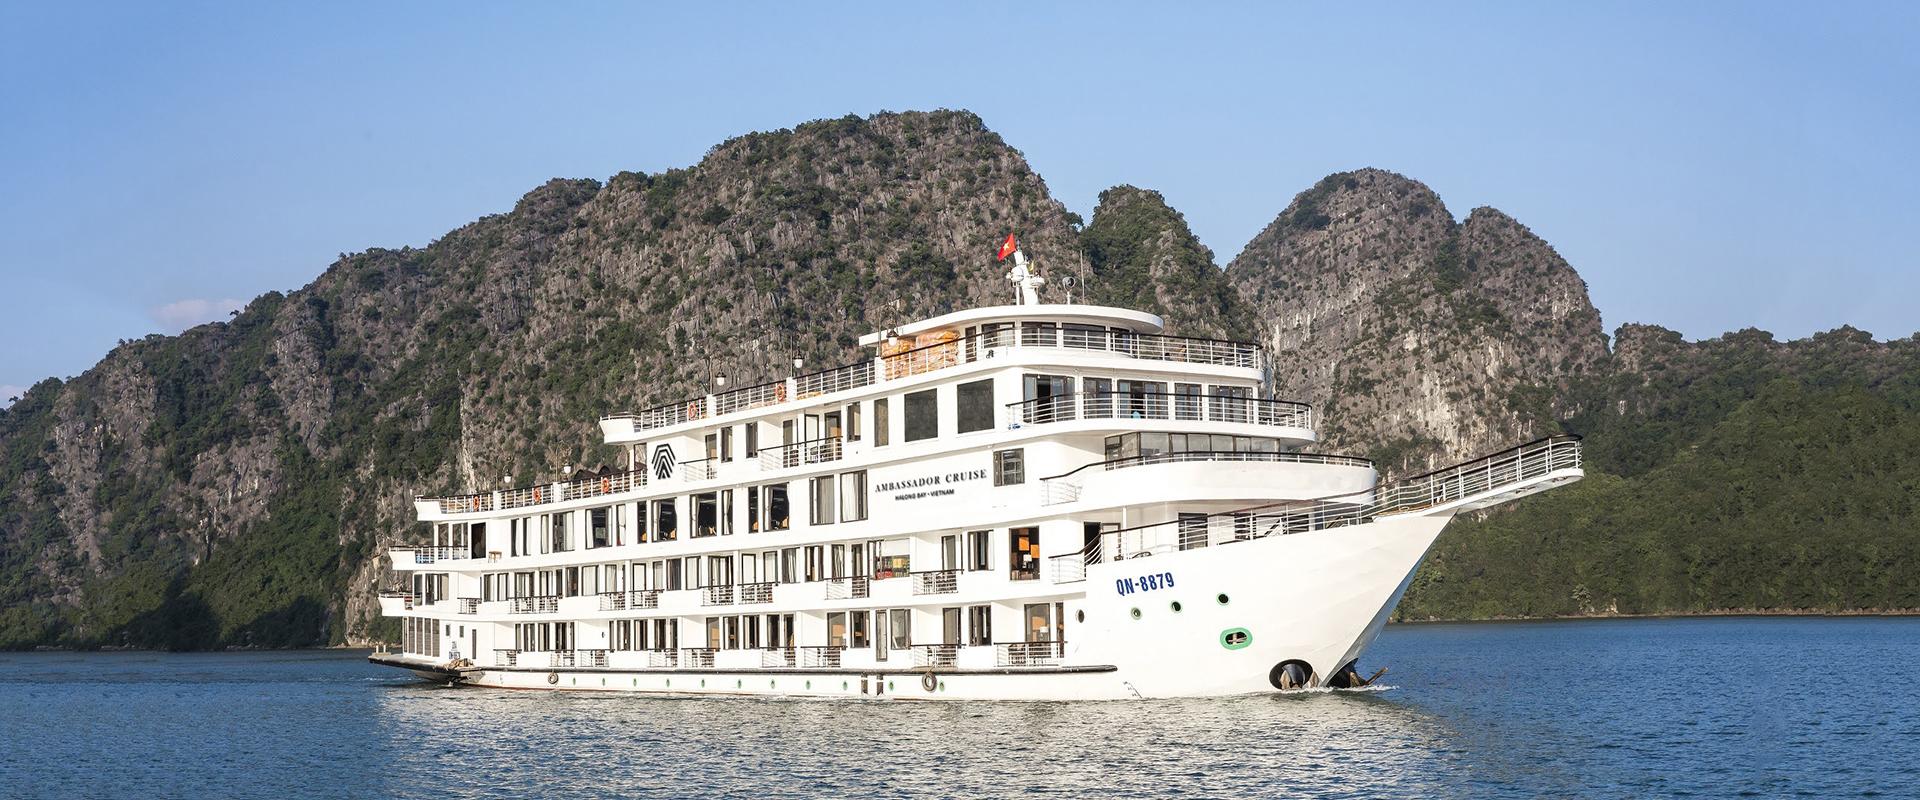 Ra mắt du thuyền năm sao trên Vịnh Hạ Long